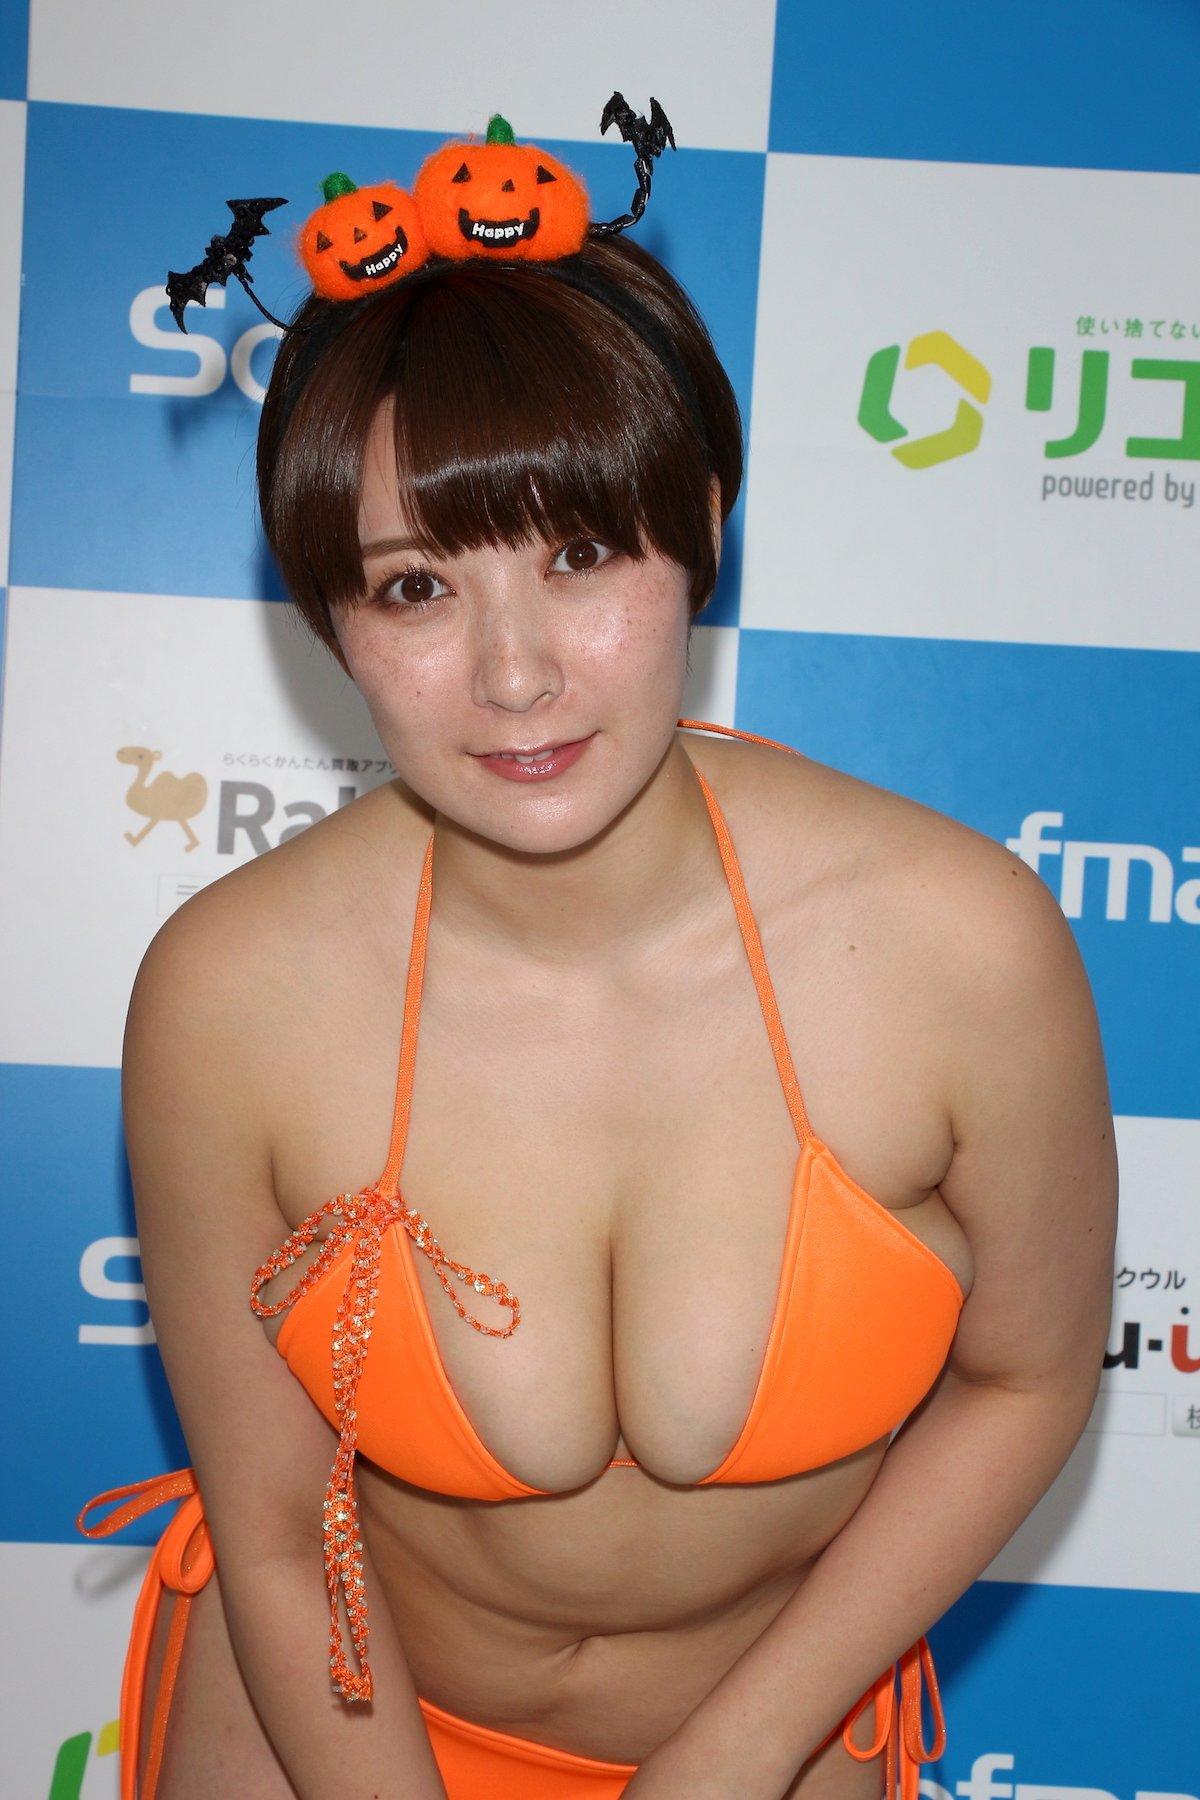 紺野栞「SM嬢に初挑戦」ムチを覚えて感動しました【画像49枚】の画像031